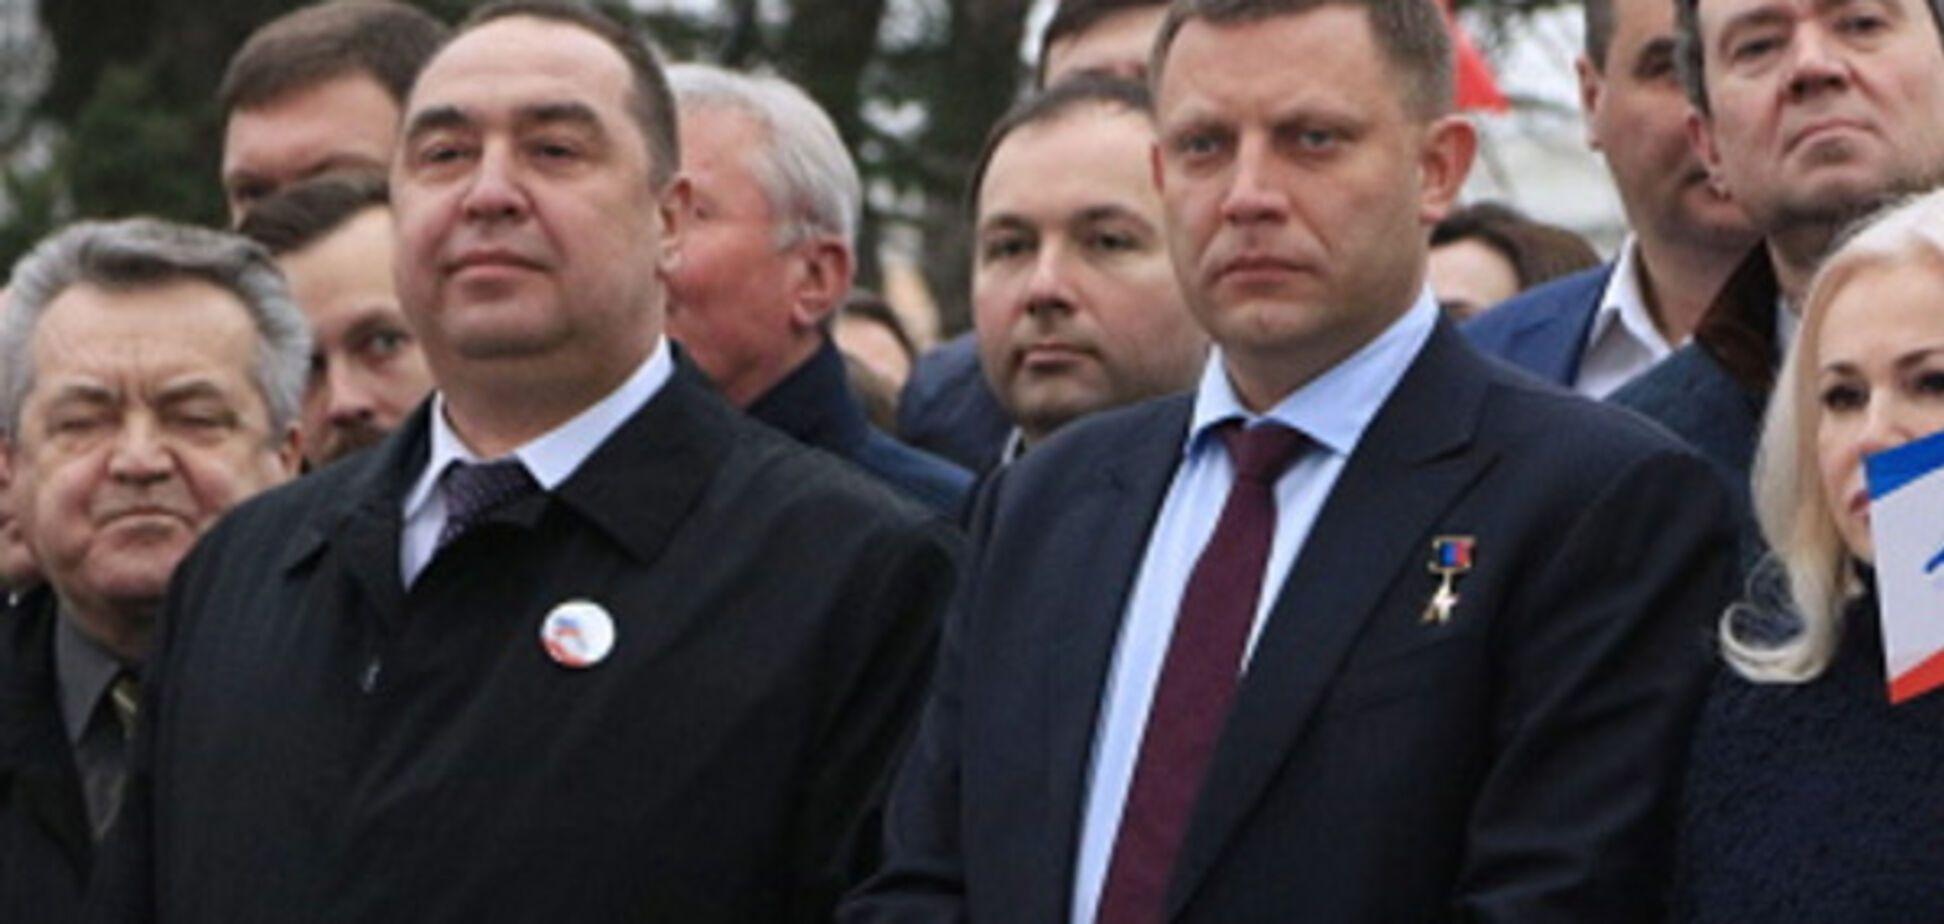 'Кремлю це необхідно': озвучений прогноз про зміну ватажків 'ДНР' - 'ЛНР'